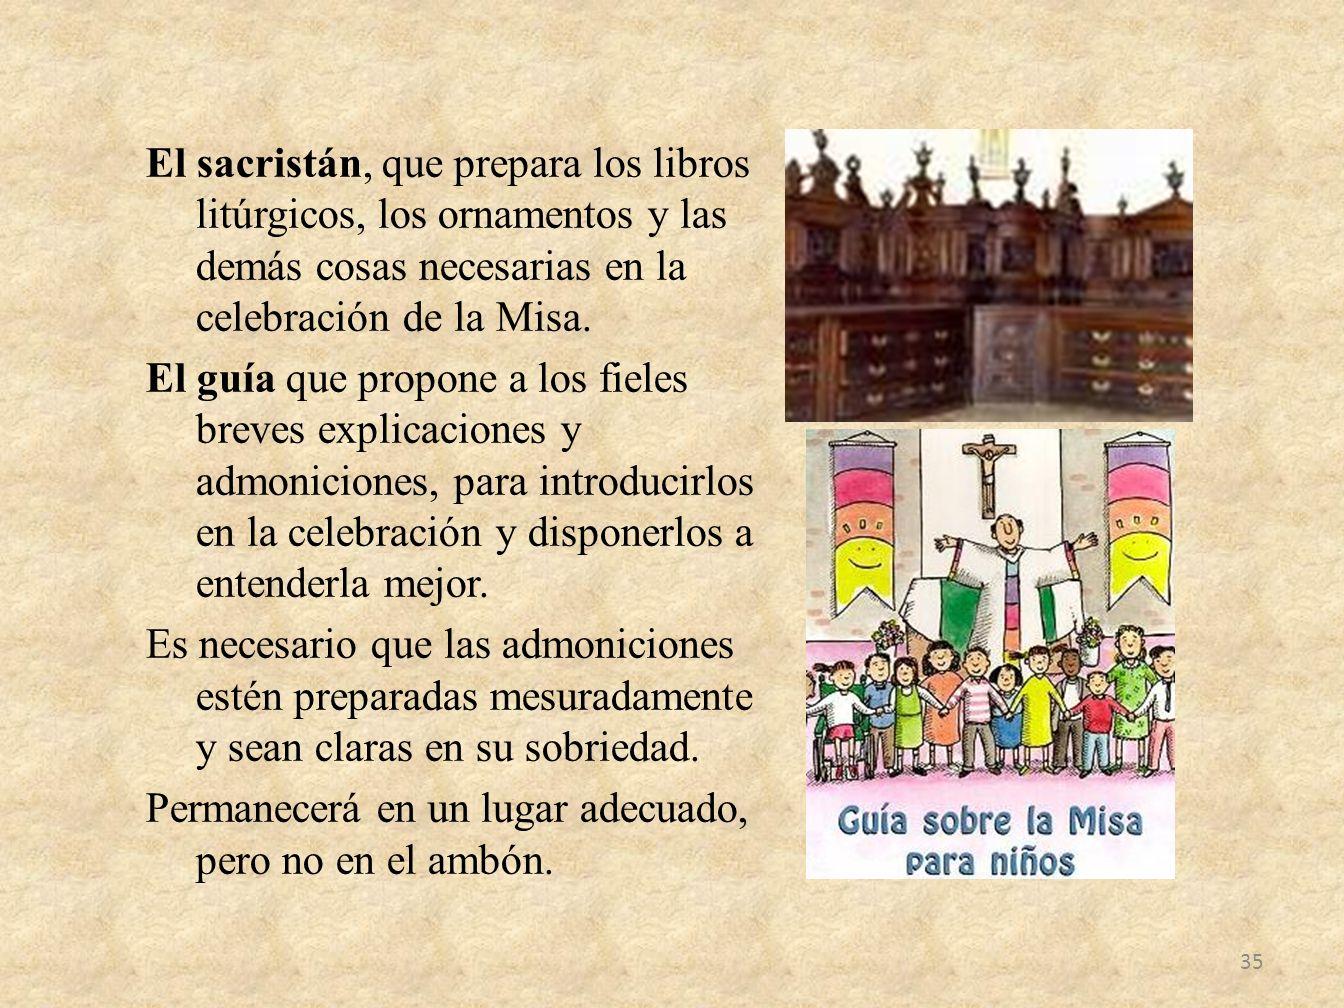 El sacristán, que prepara los libros litúrgicos, los ornamentos y las demás cosas necesarias en la celebración de la Misa. El guía que propone a los f